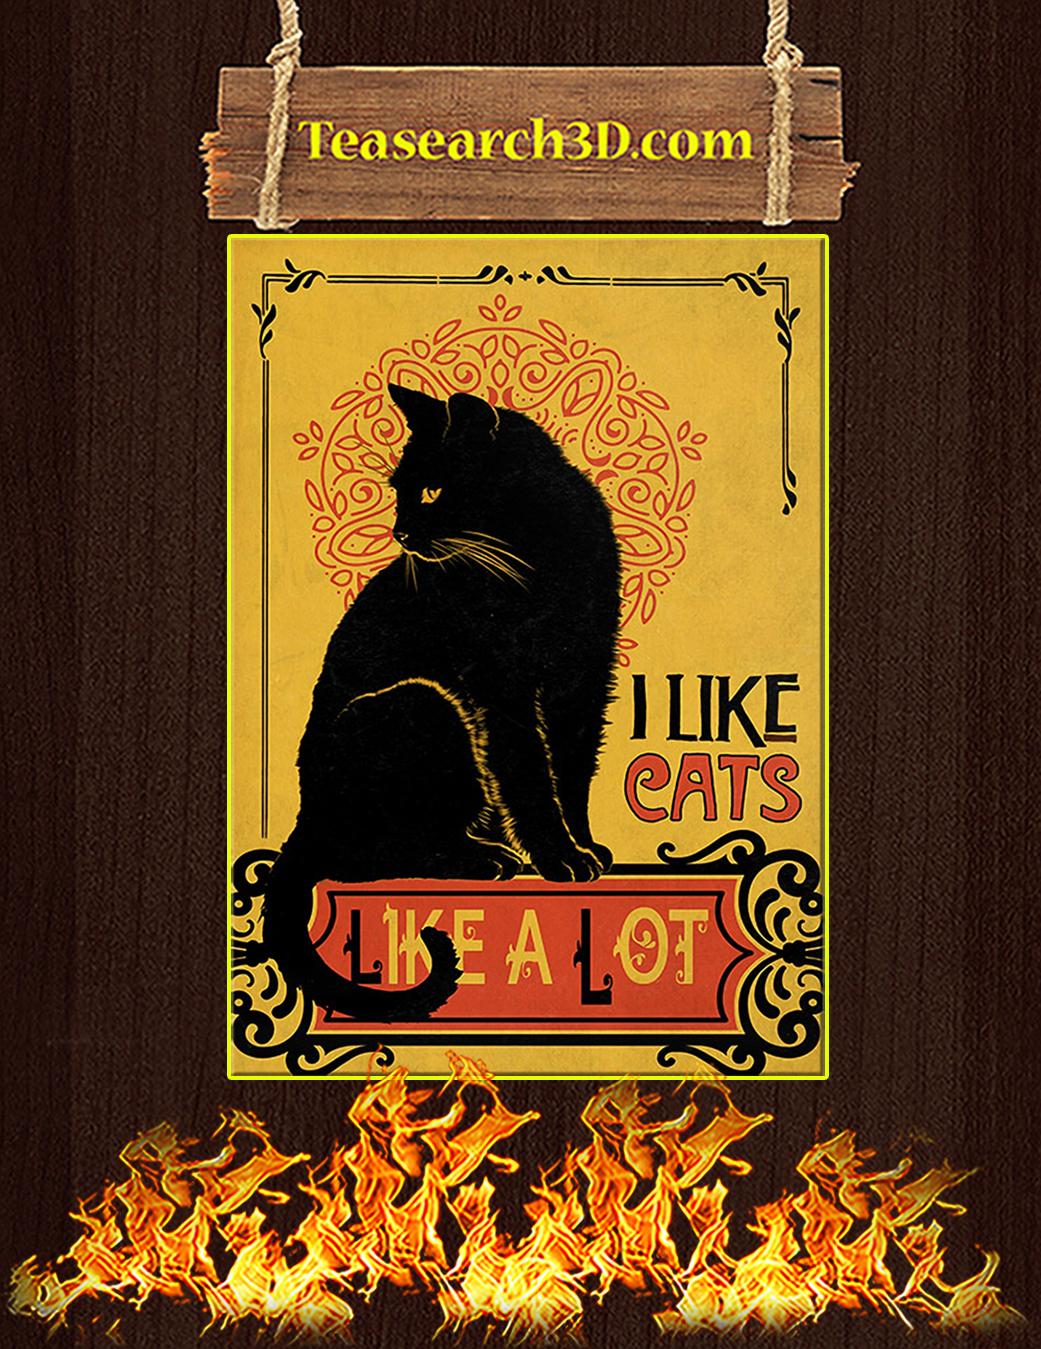 I like cats like a lot poster A1